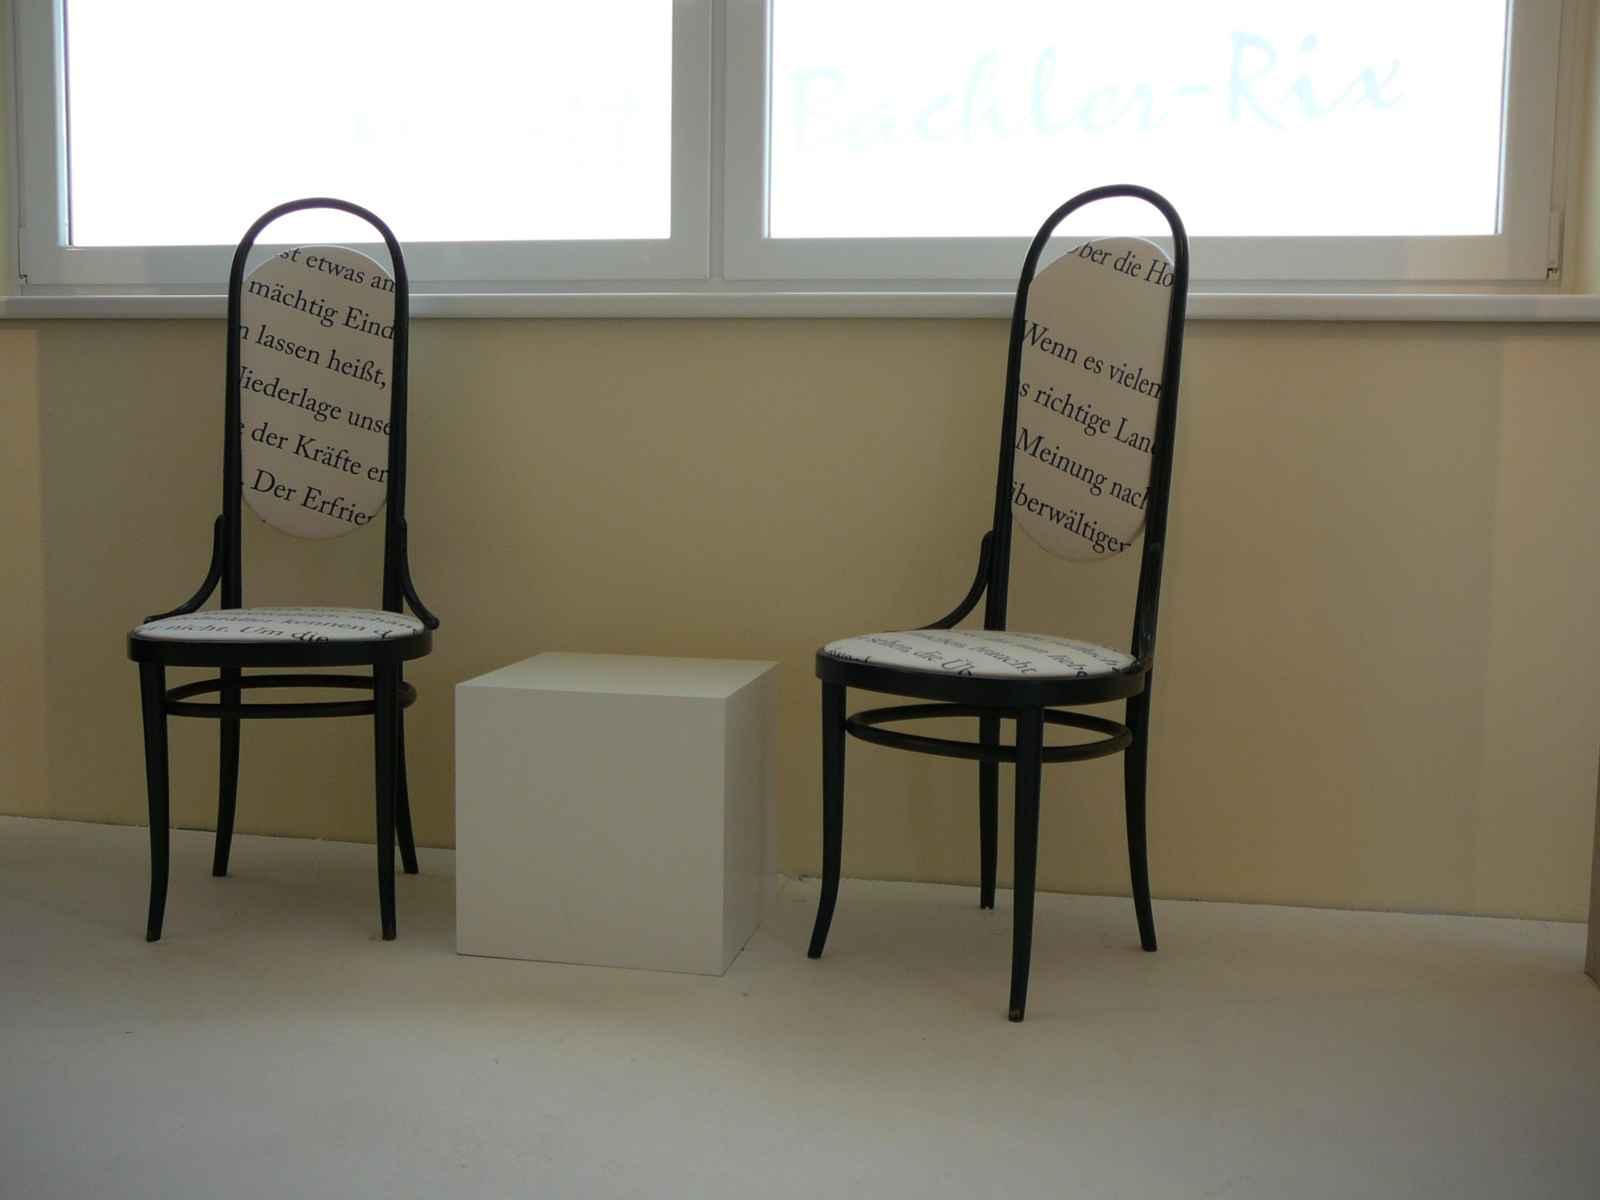 Zwei Thonetstühle mit Texten tapeziert